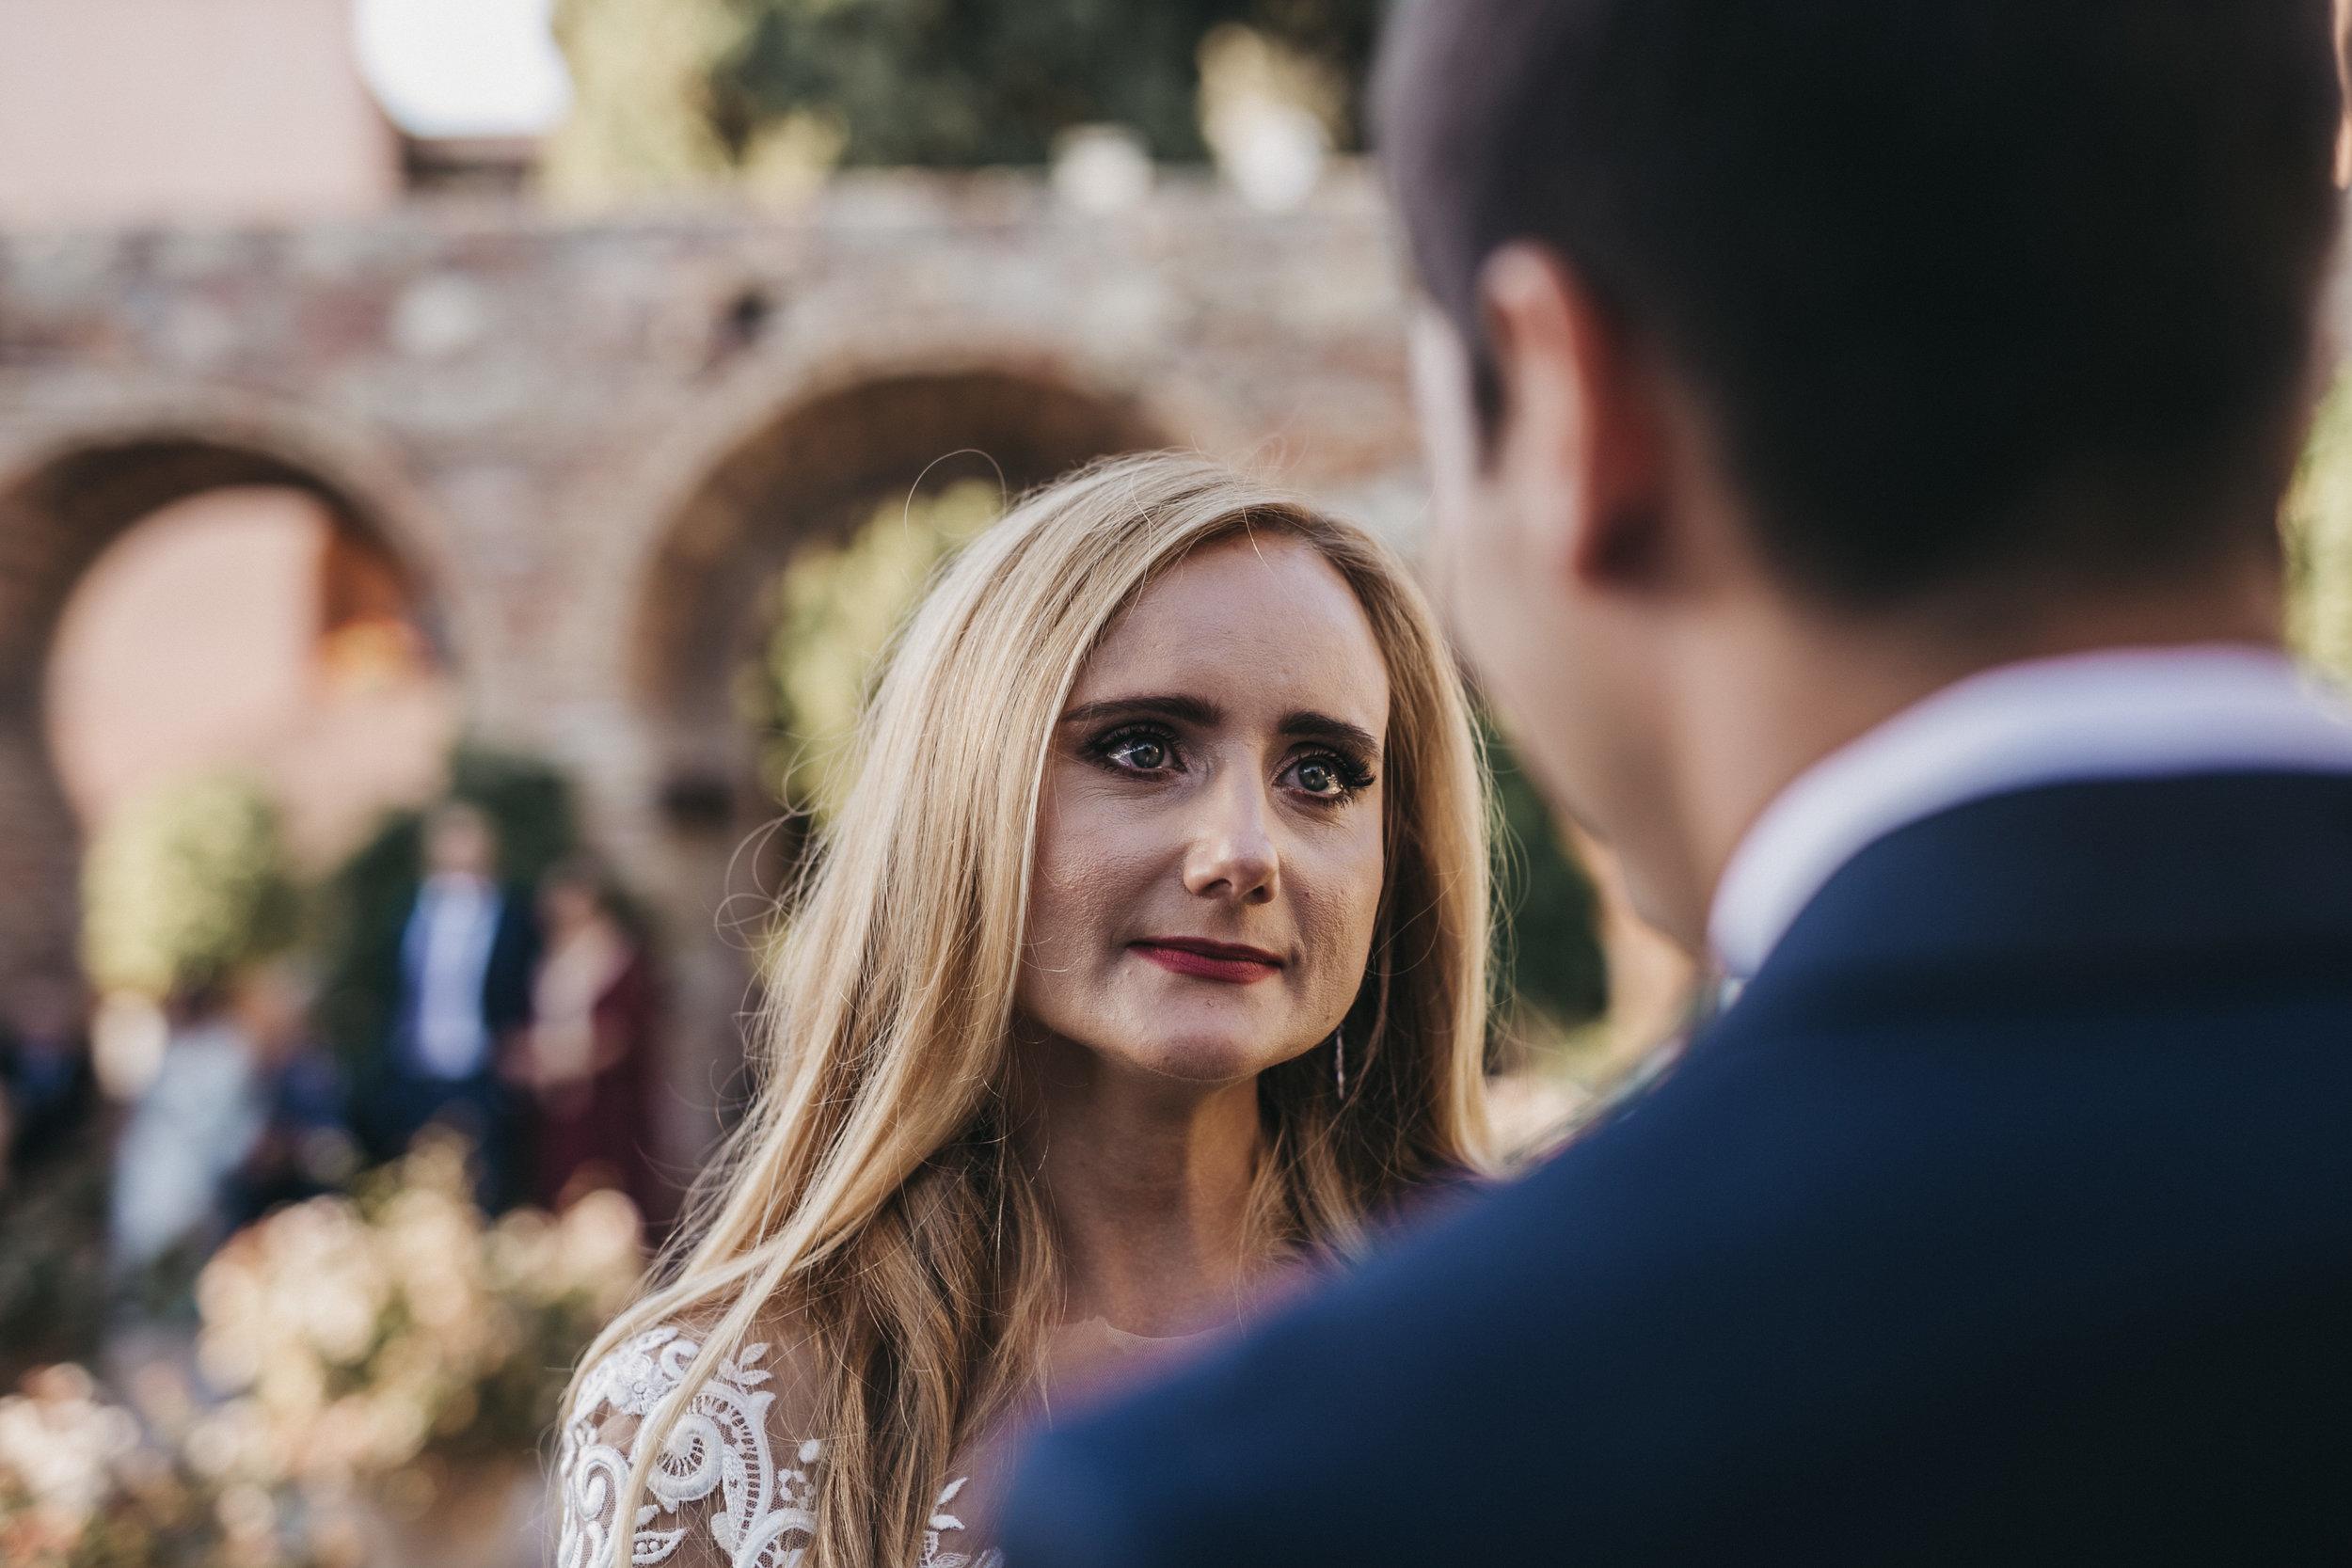 Fotografo de bodas españa serafin castillo wedding photographer spain 018.jpg